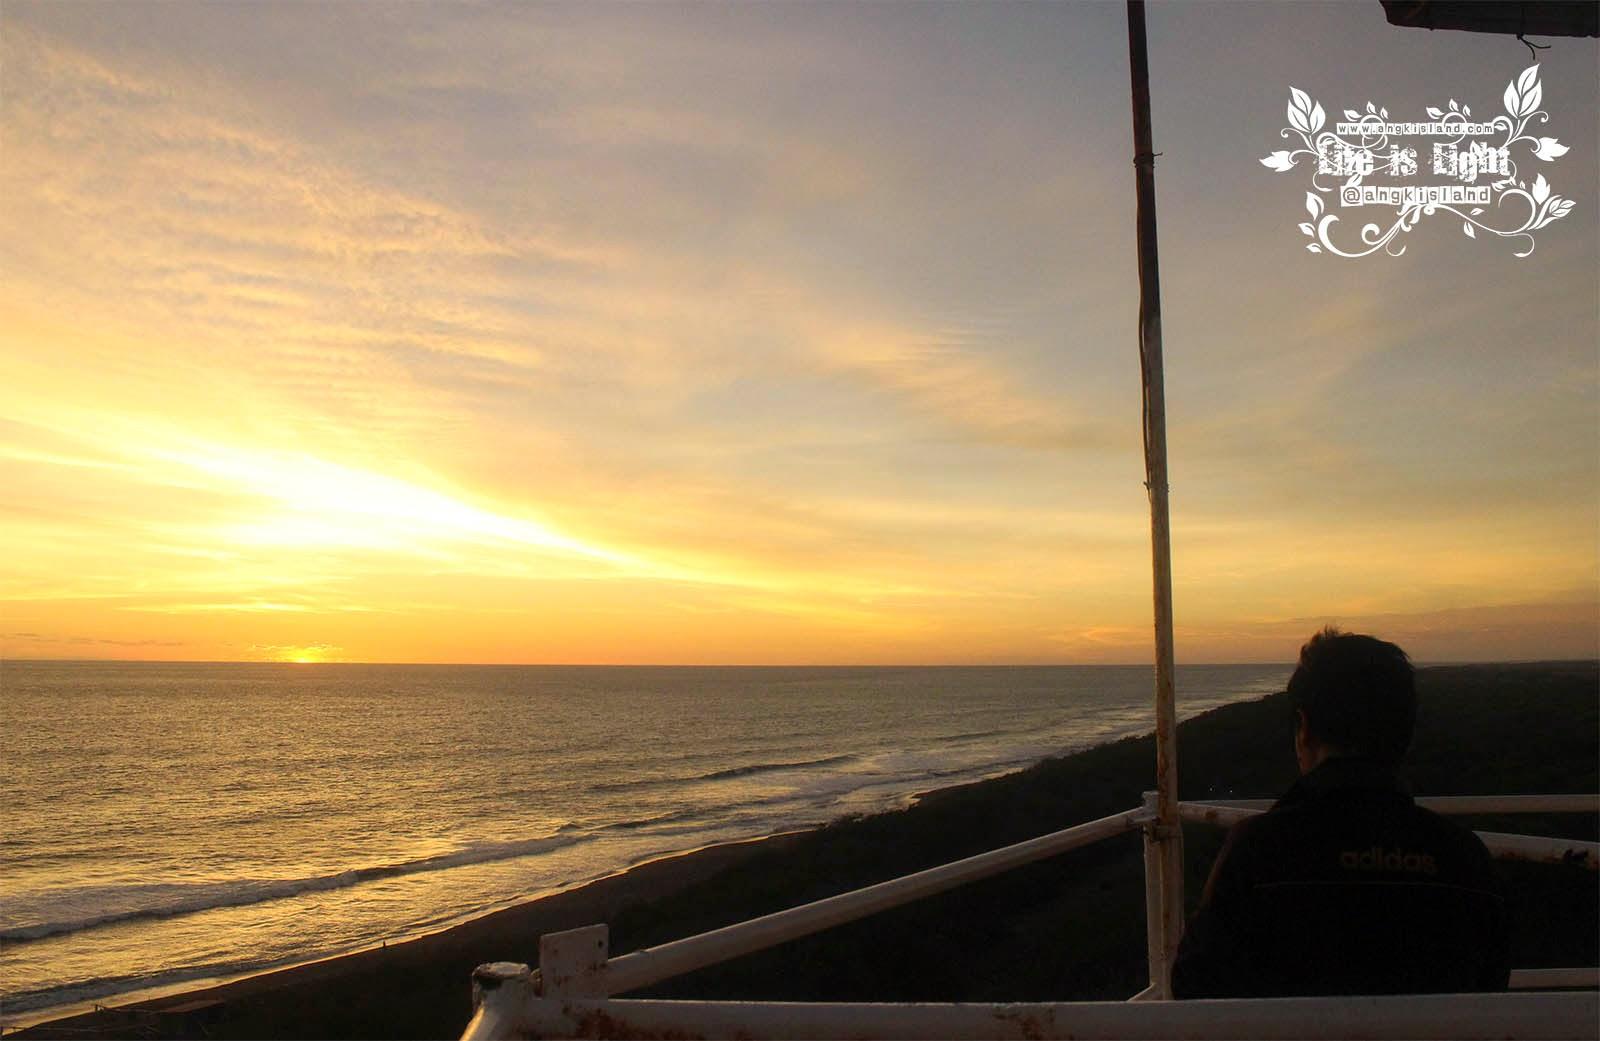 sunset pantai samas bantul